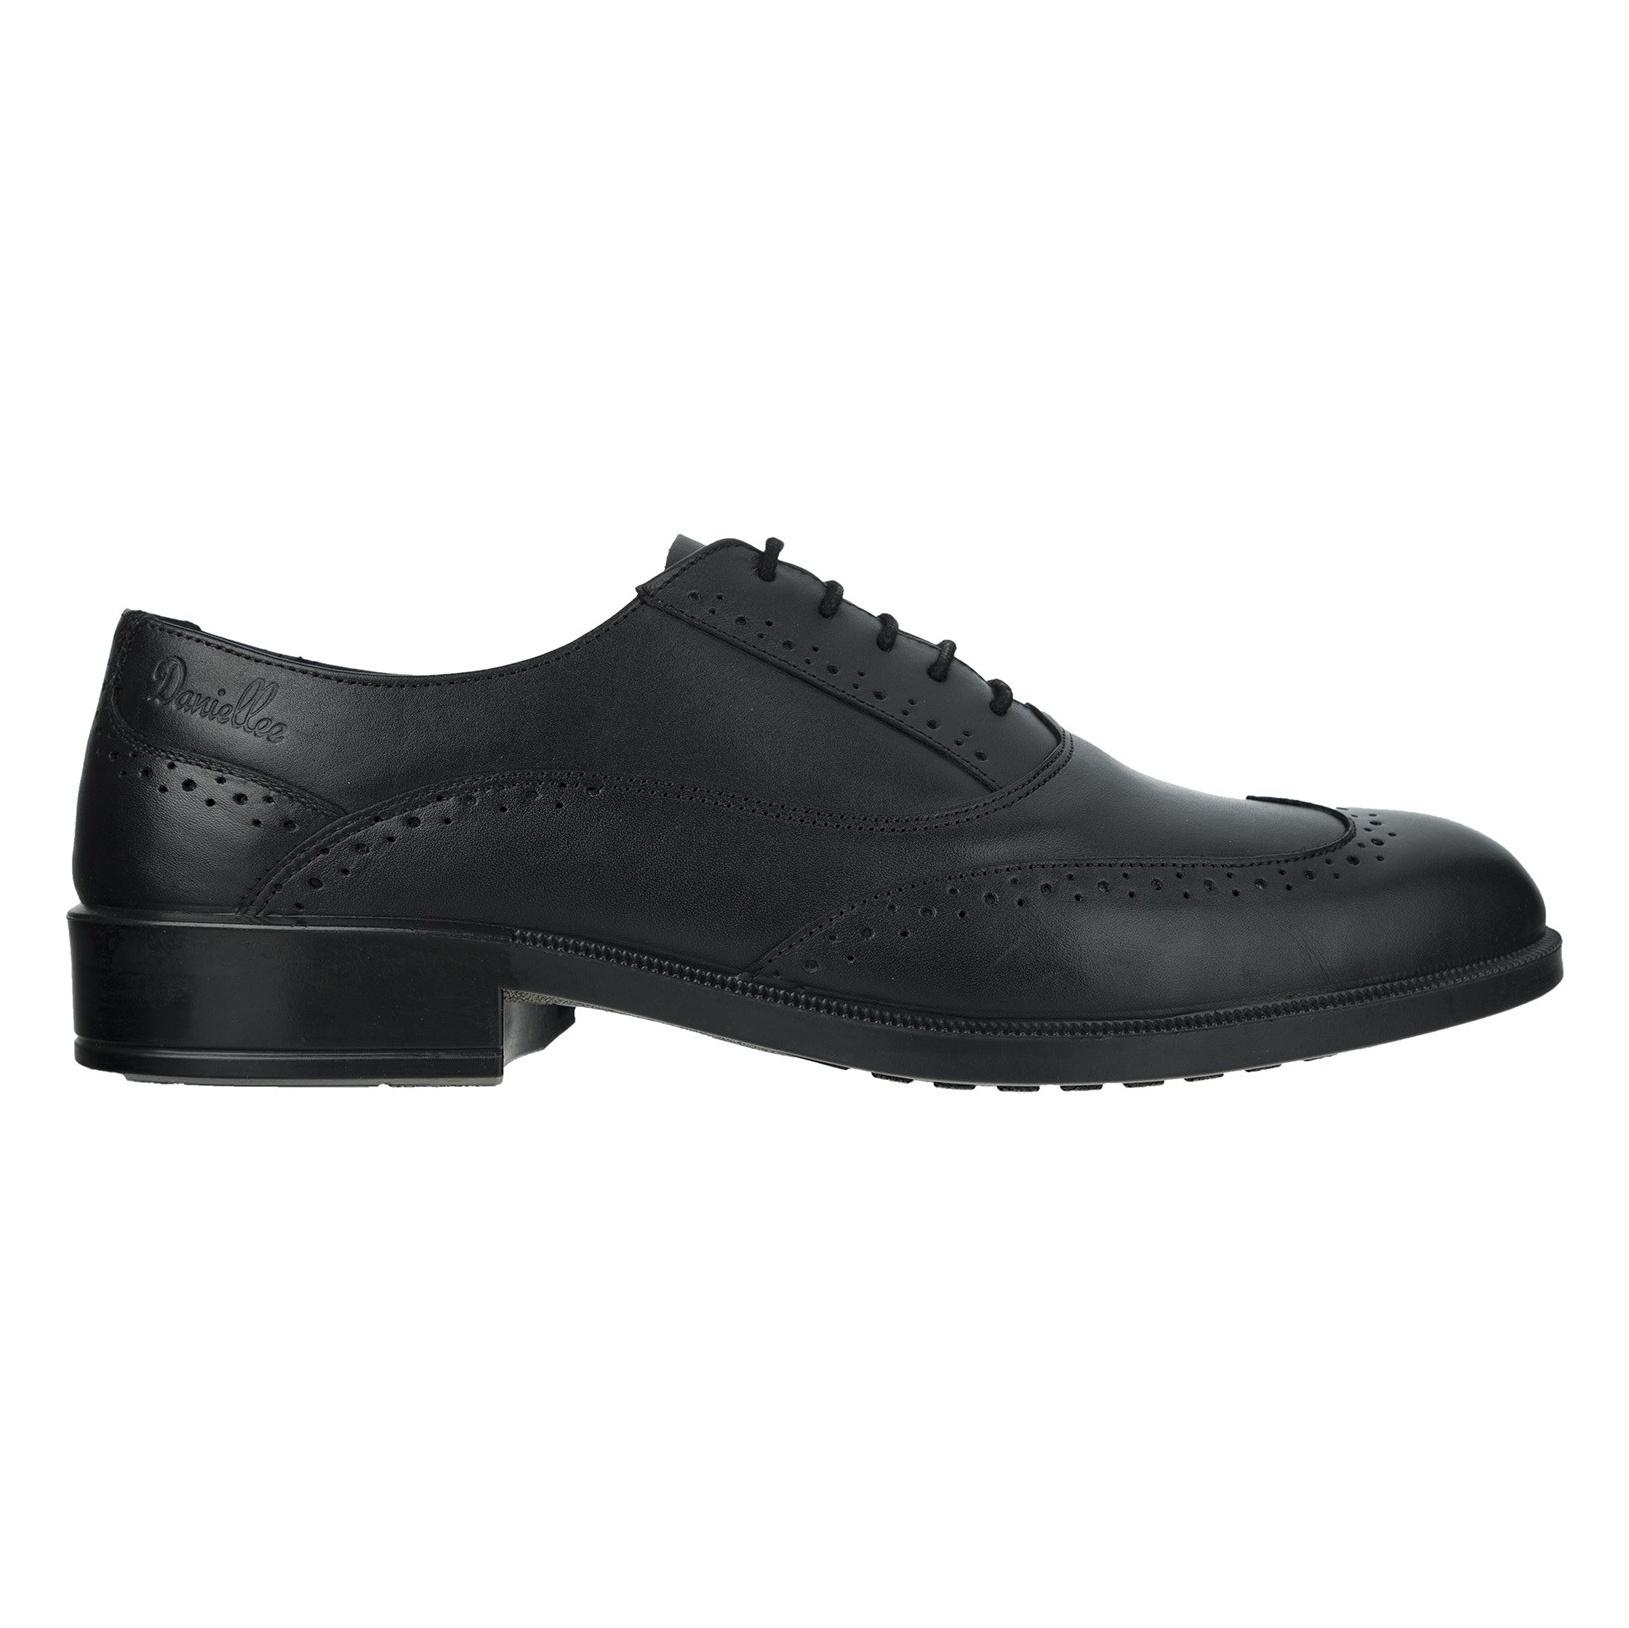 کفش رسمی چرم مردانه Lazzaro - دنیلی - مشکي - 1